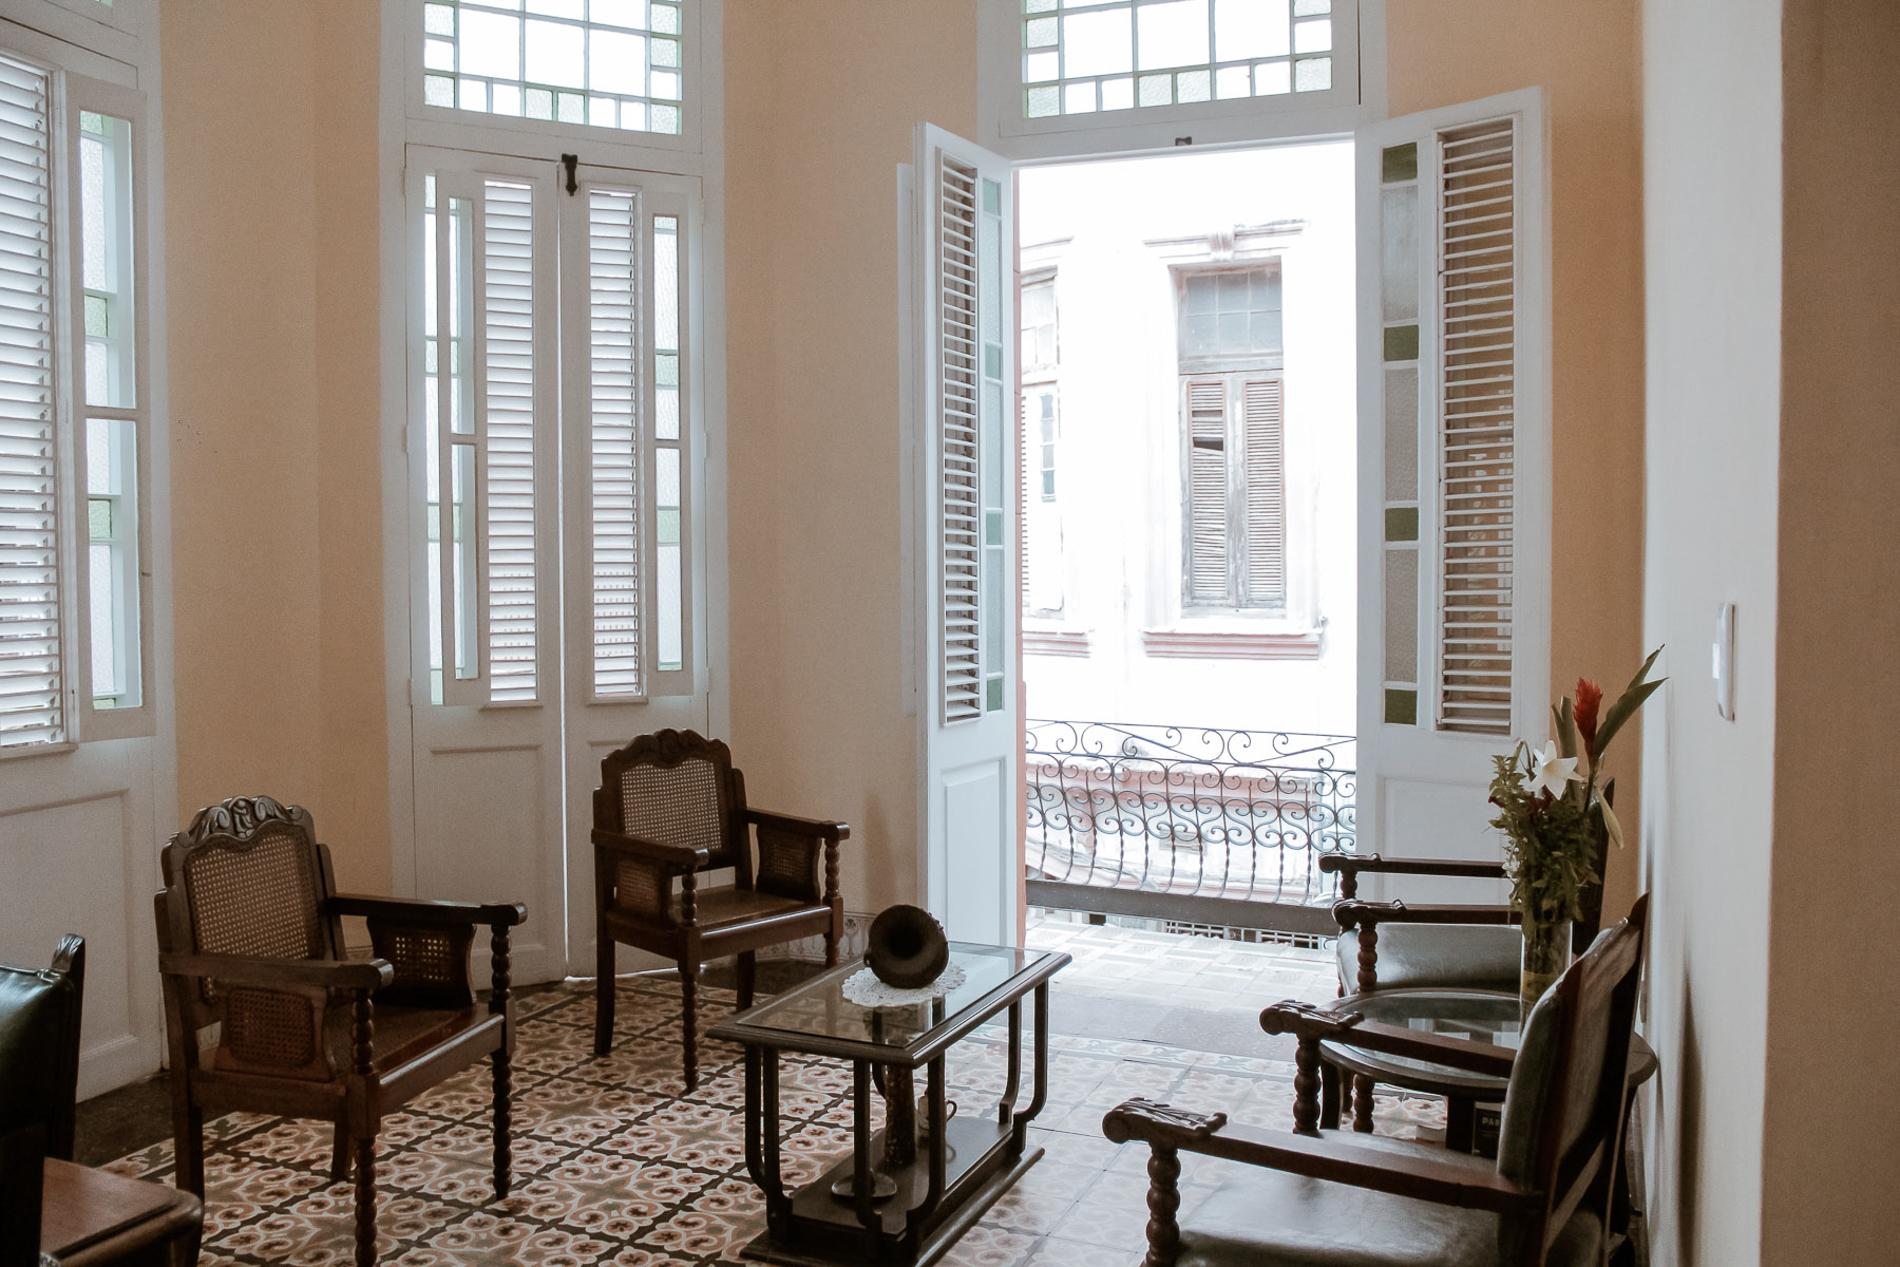 Wohnzimmer mit Balkon im Casa Carmen in Havanna